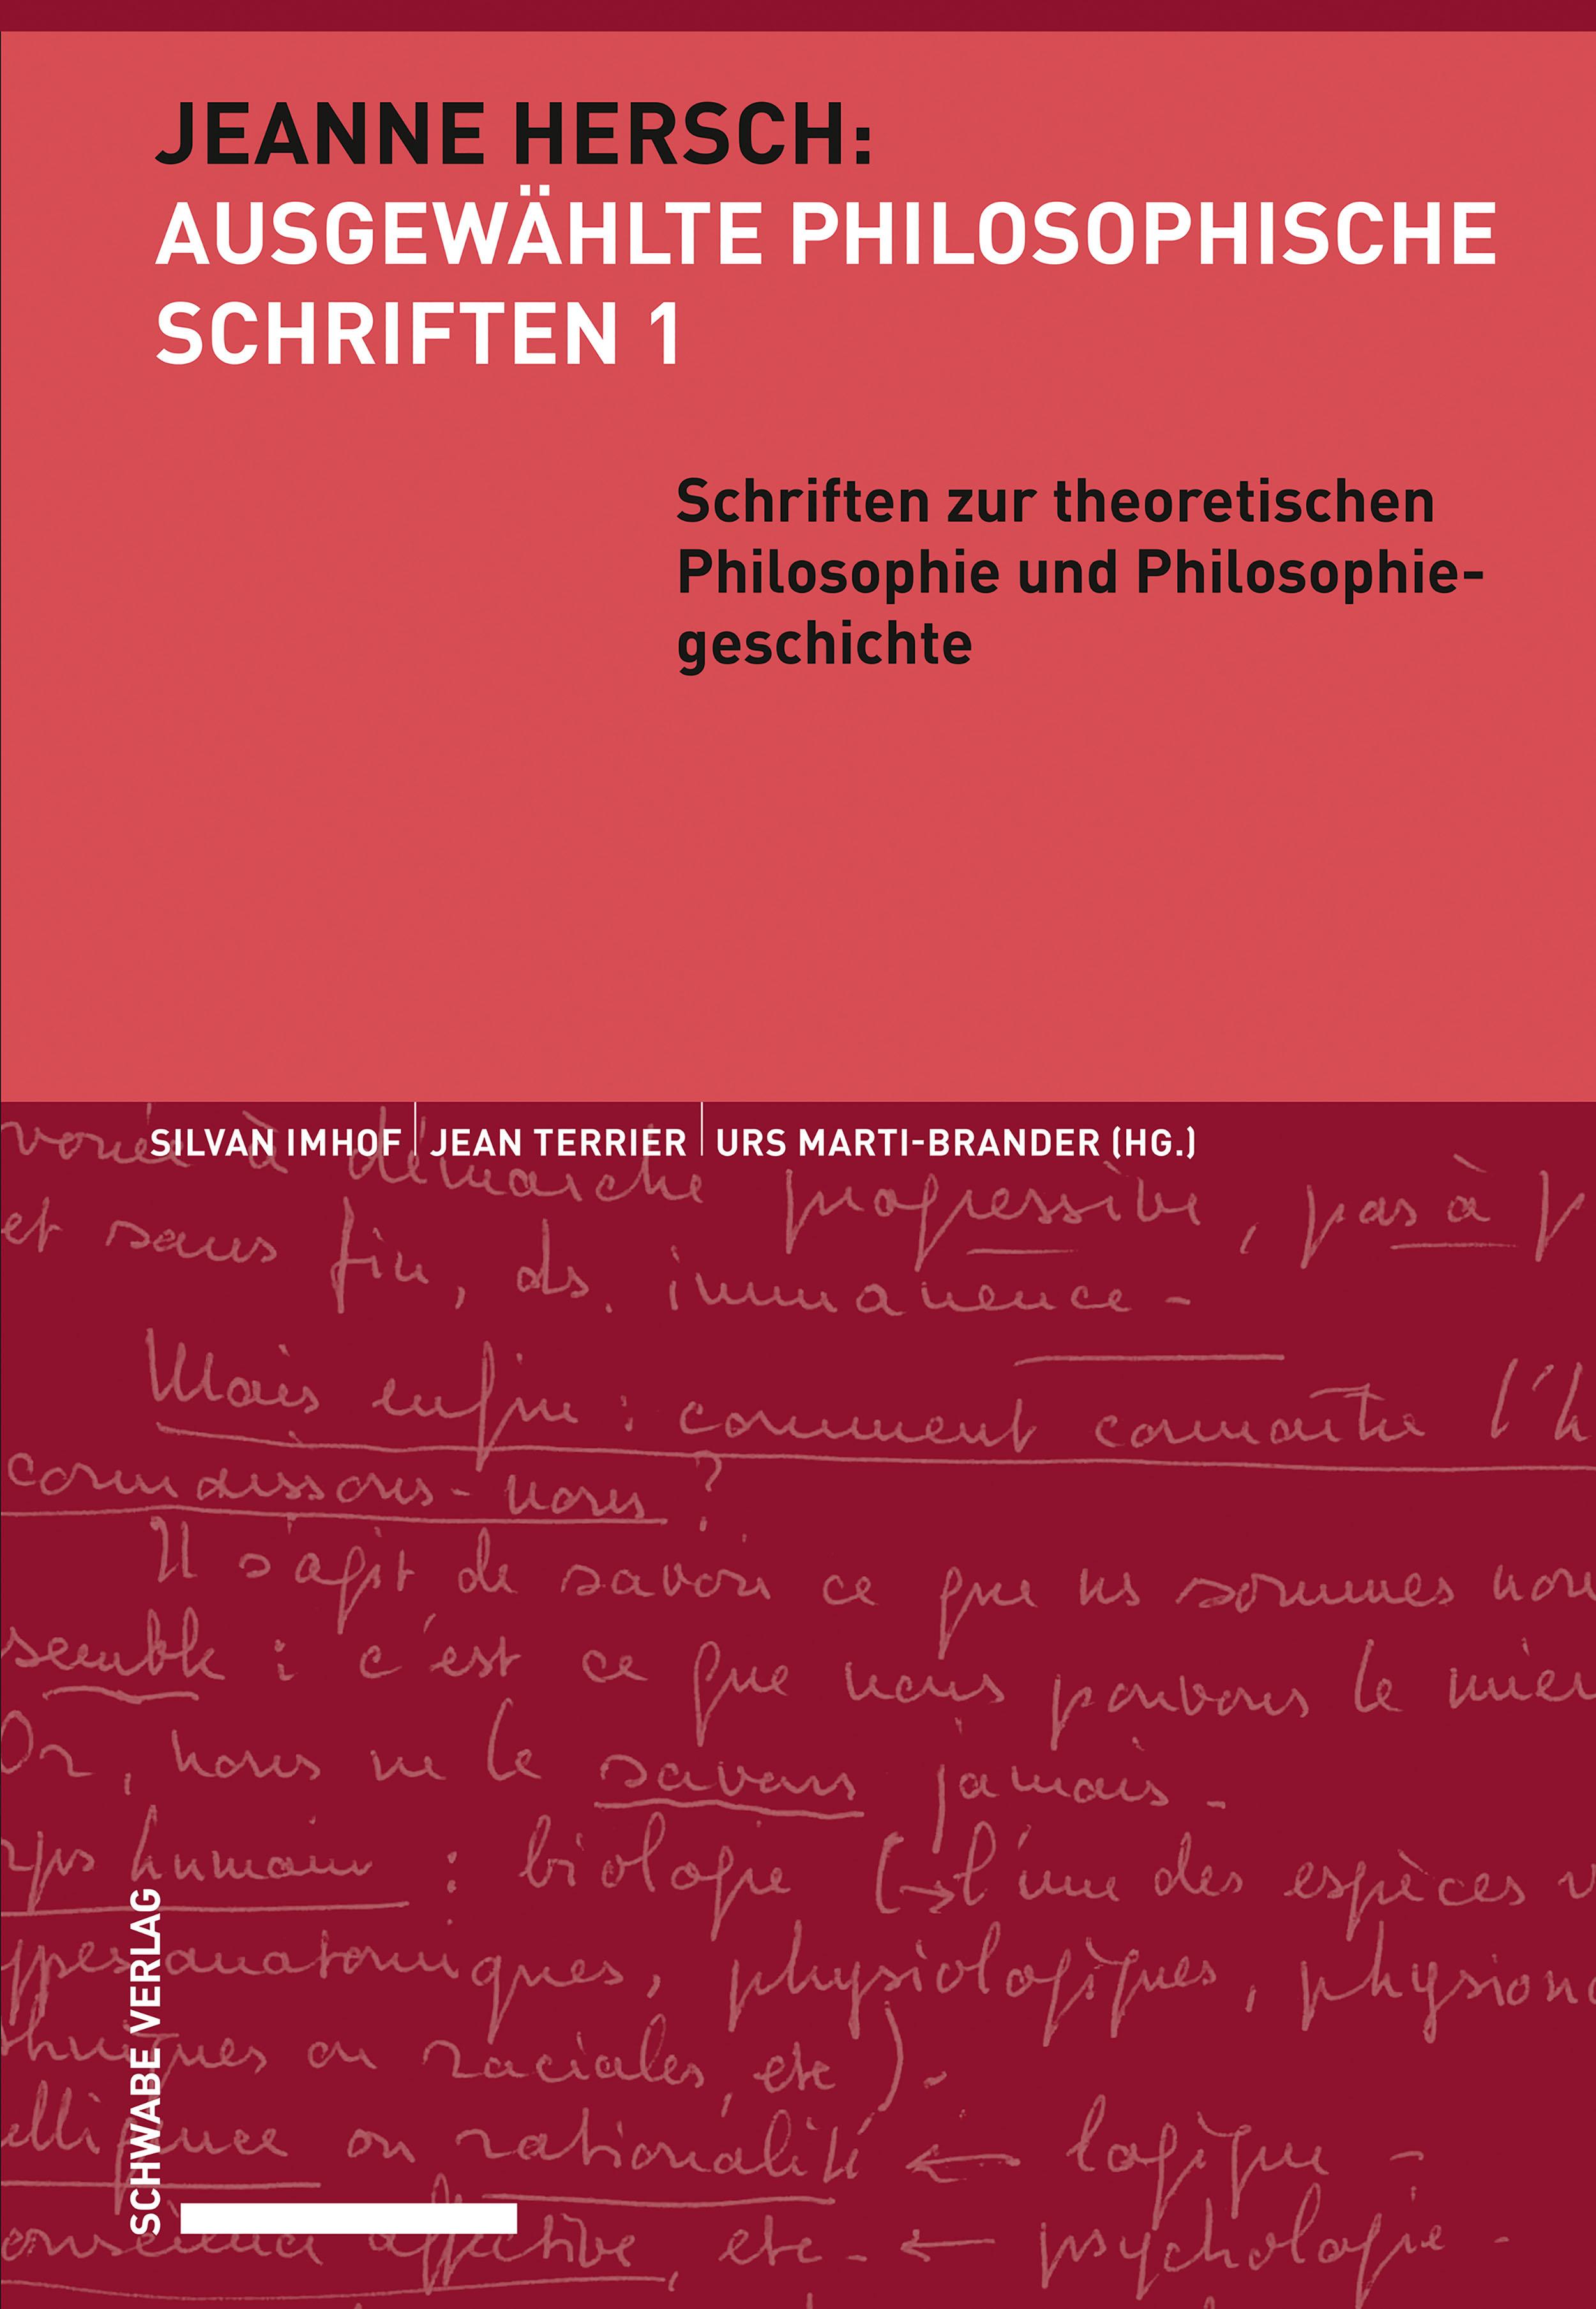 Jeanne Hersch: Ausgewählte philosophische Schriften